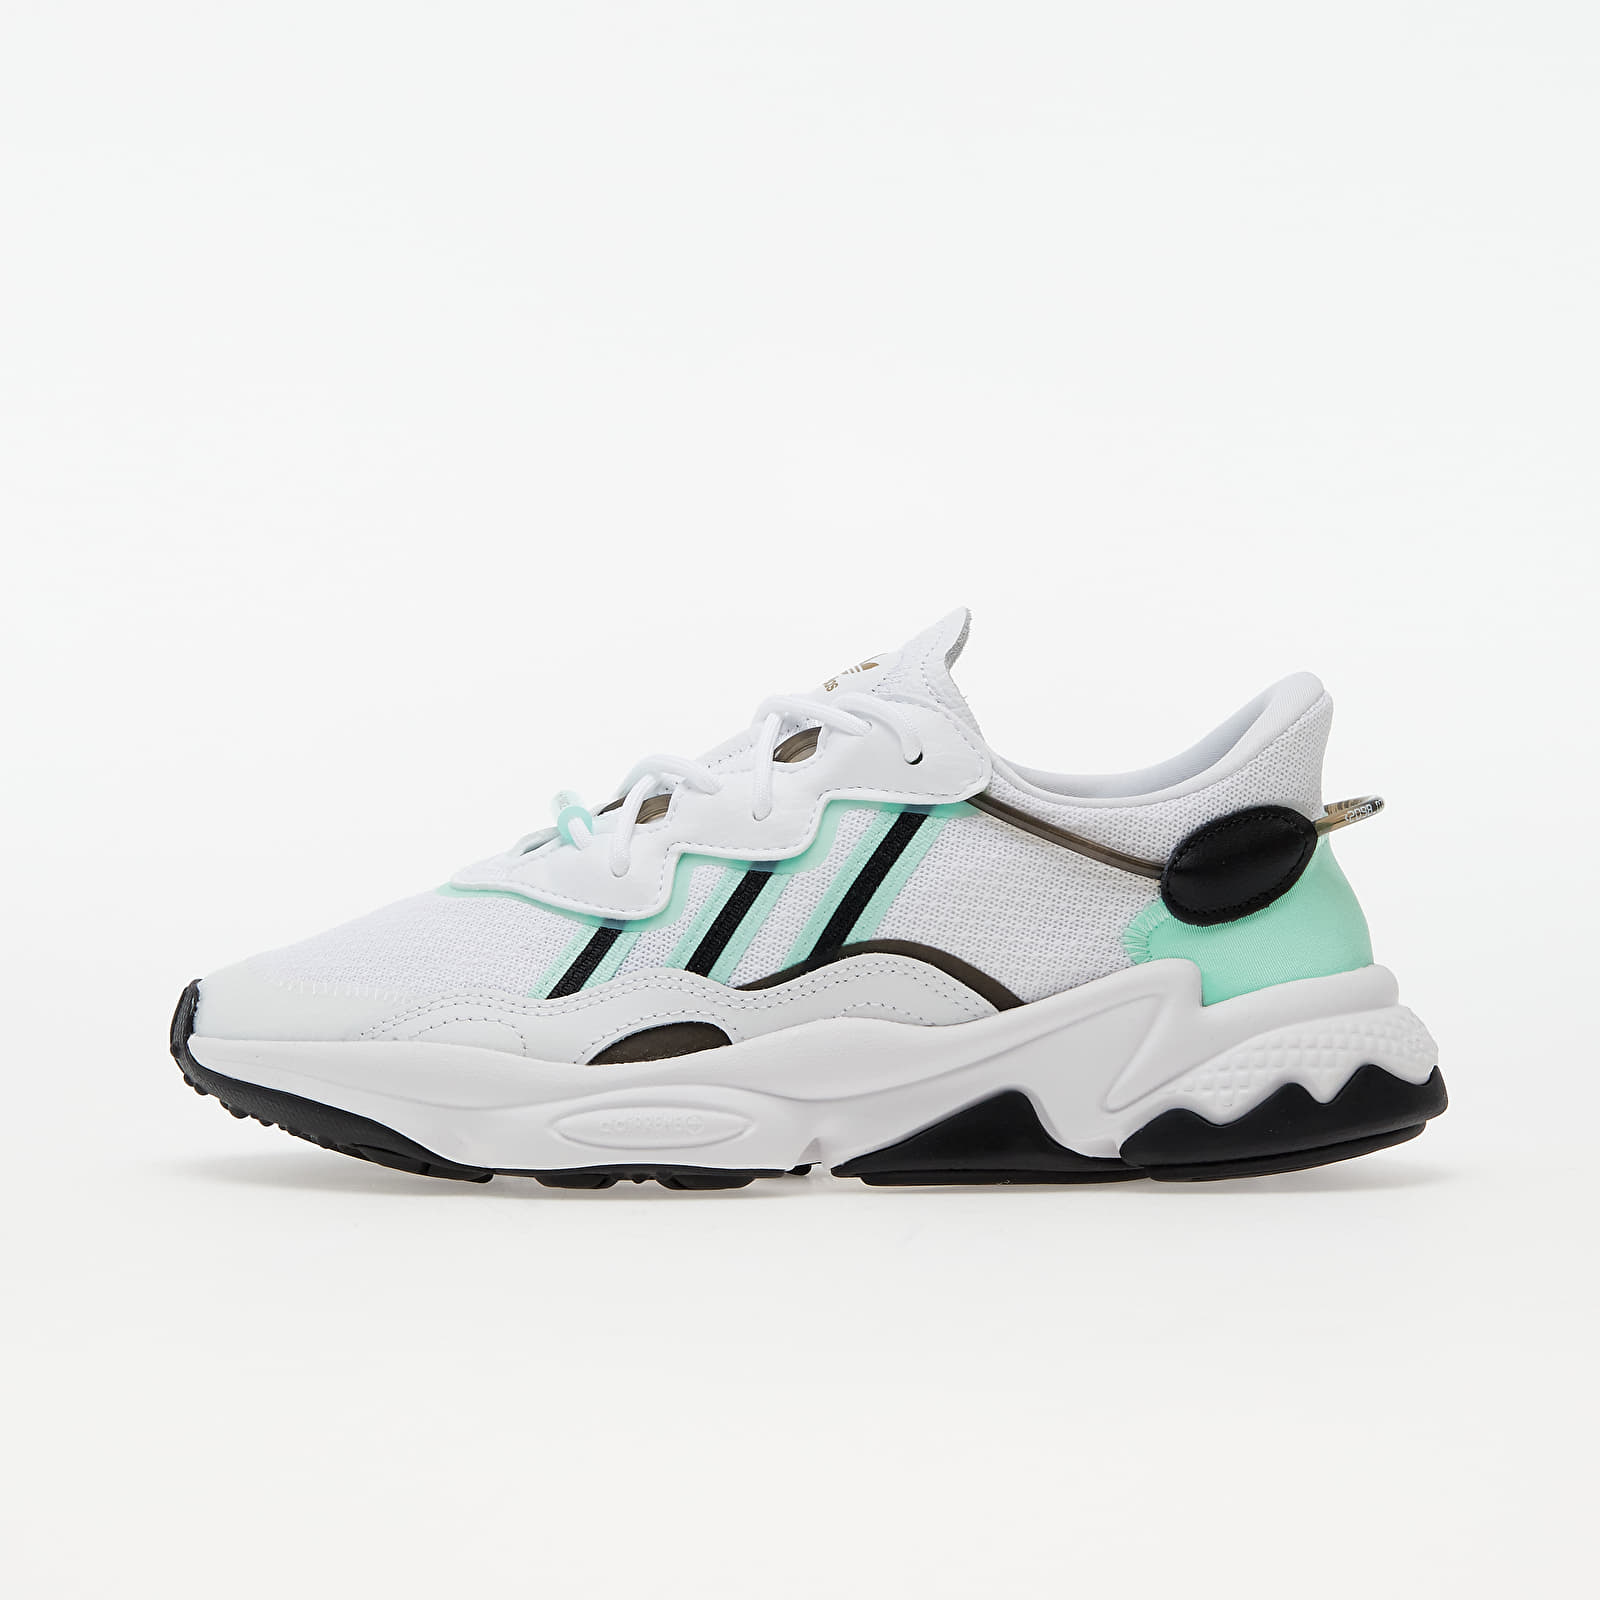 adidas Ozweego W Ftw White/ Frozen Green/ Core Black EUR 37 1/3